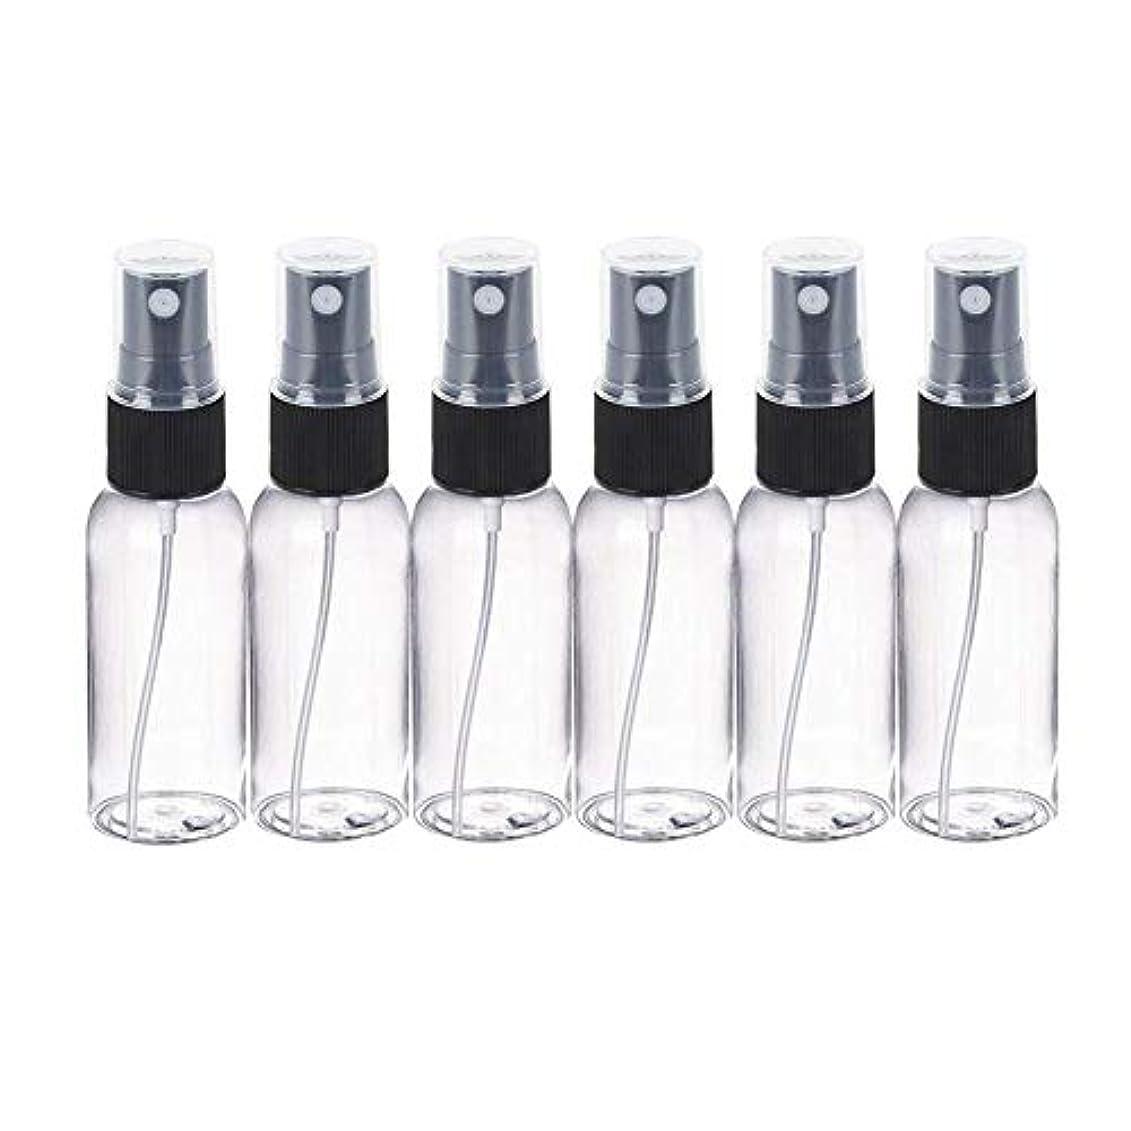 プラスあざピストル美容スプレーボトルスプレーボトルアルコールローションサブボトルプラスチック化粧スプレーボトル化粧道具